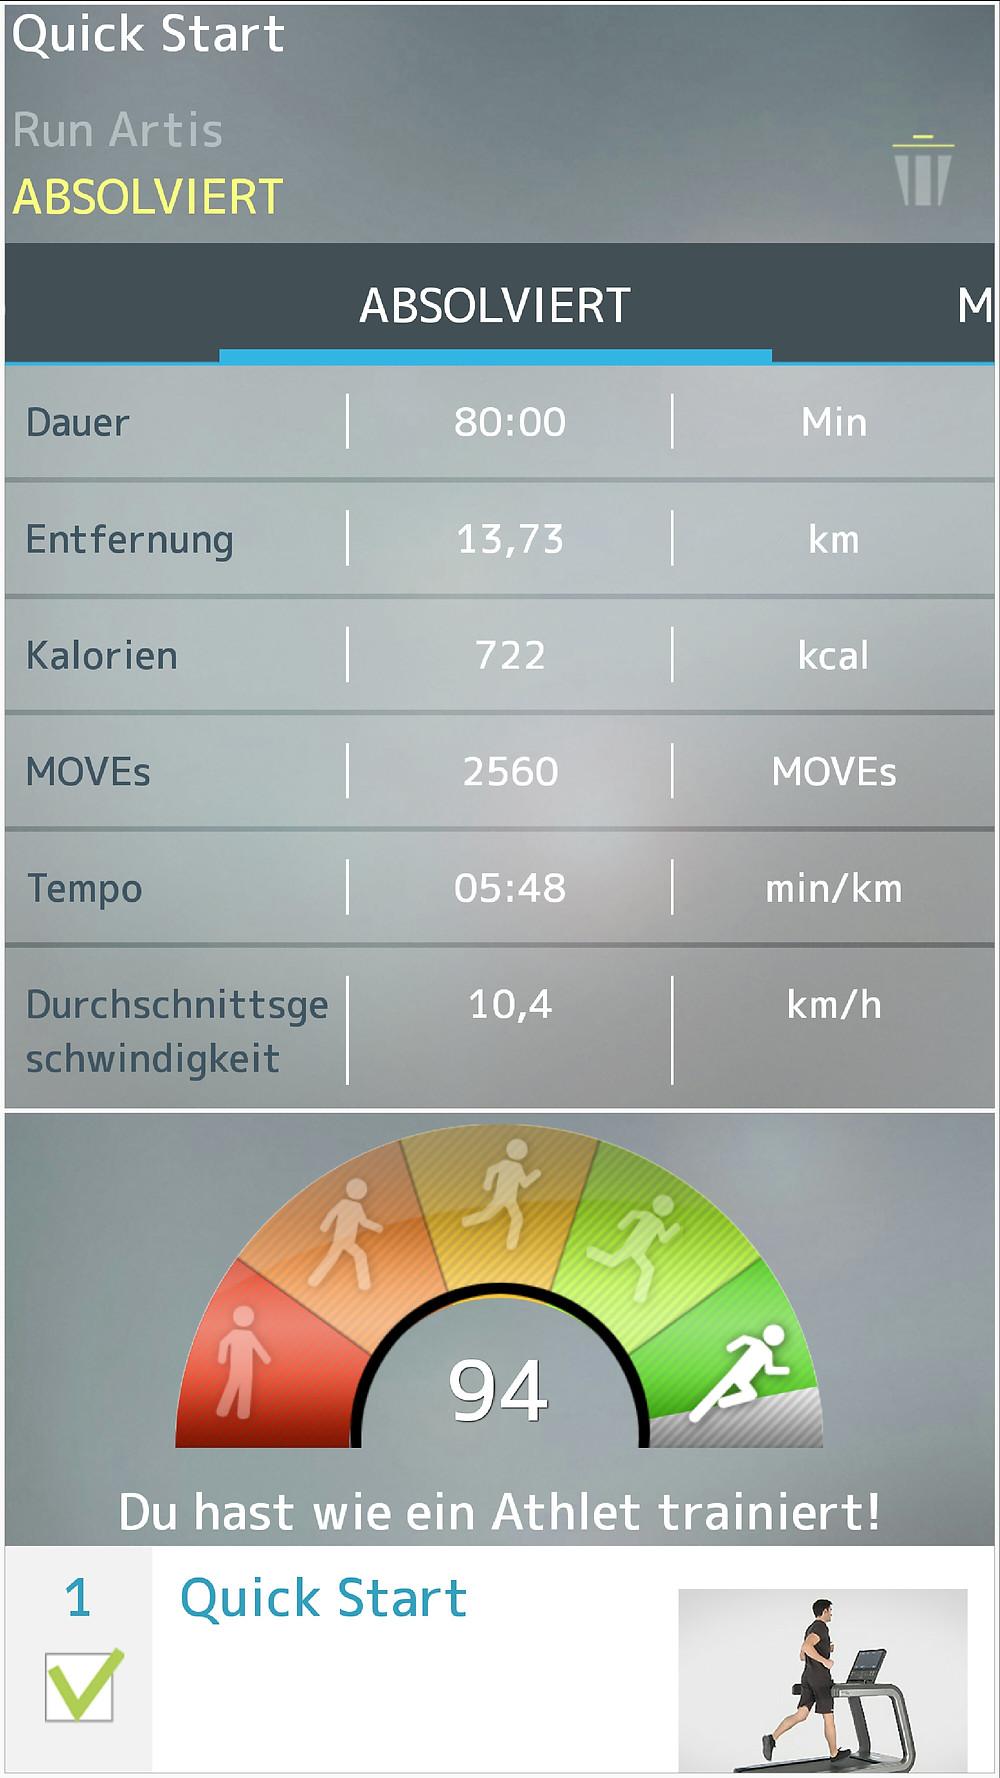 Ernährungsberatung, Ernährungstherapie und Fitnessberatung in Lyss, Fabienne Kobi, Halbmarathon, Bieler Lauftage